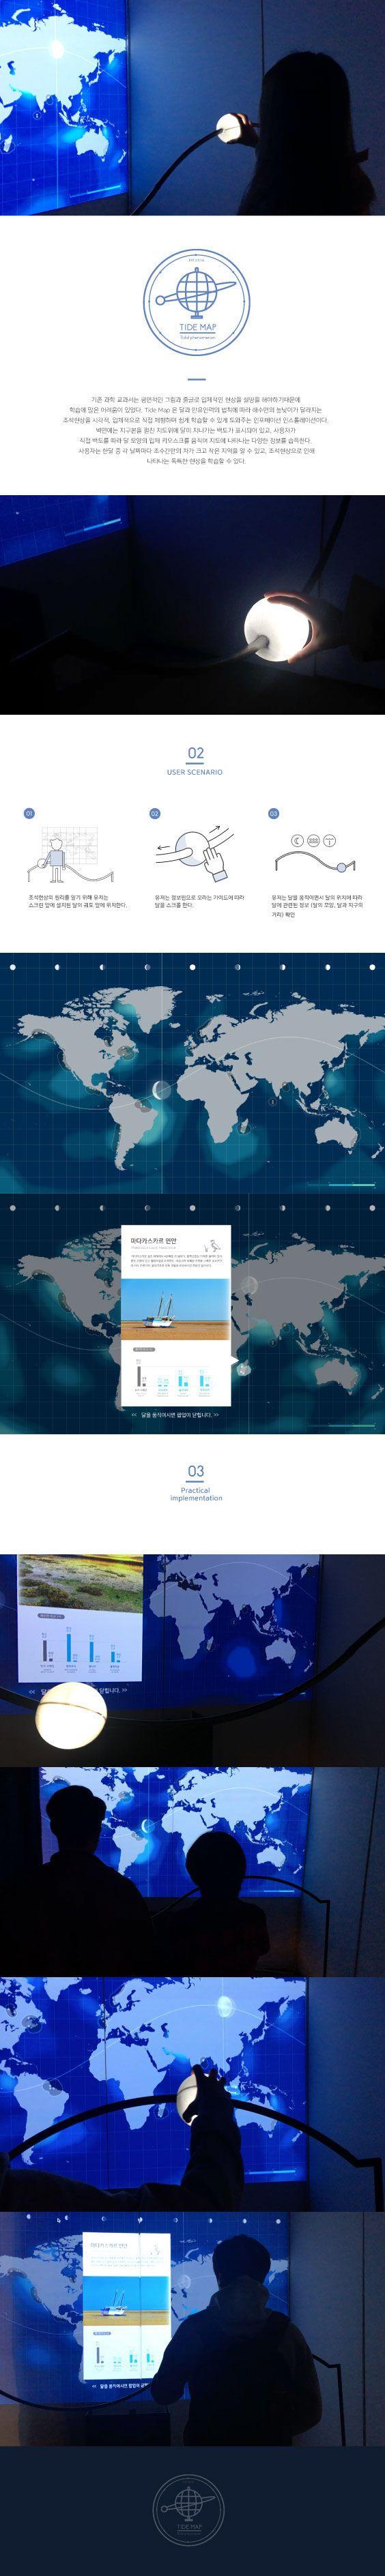 나형주, 김예빈 | Tide map _ Educational Installation  | Major in Digital Media Design | #hicoda | hicoda.hongik.ac.kr